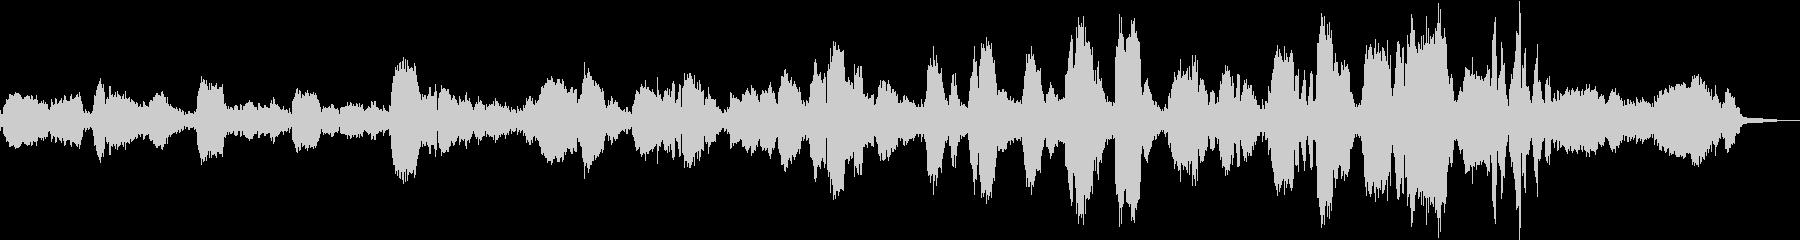 本格的な歌入りのグノーのアベマリアです。の未再生の波形